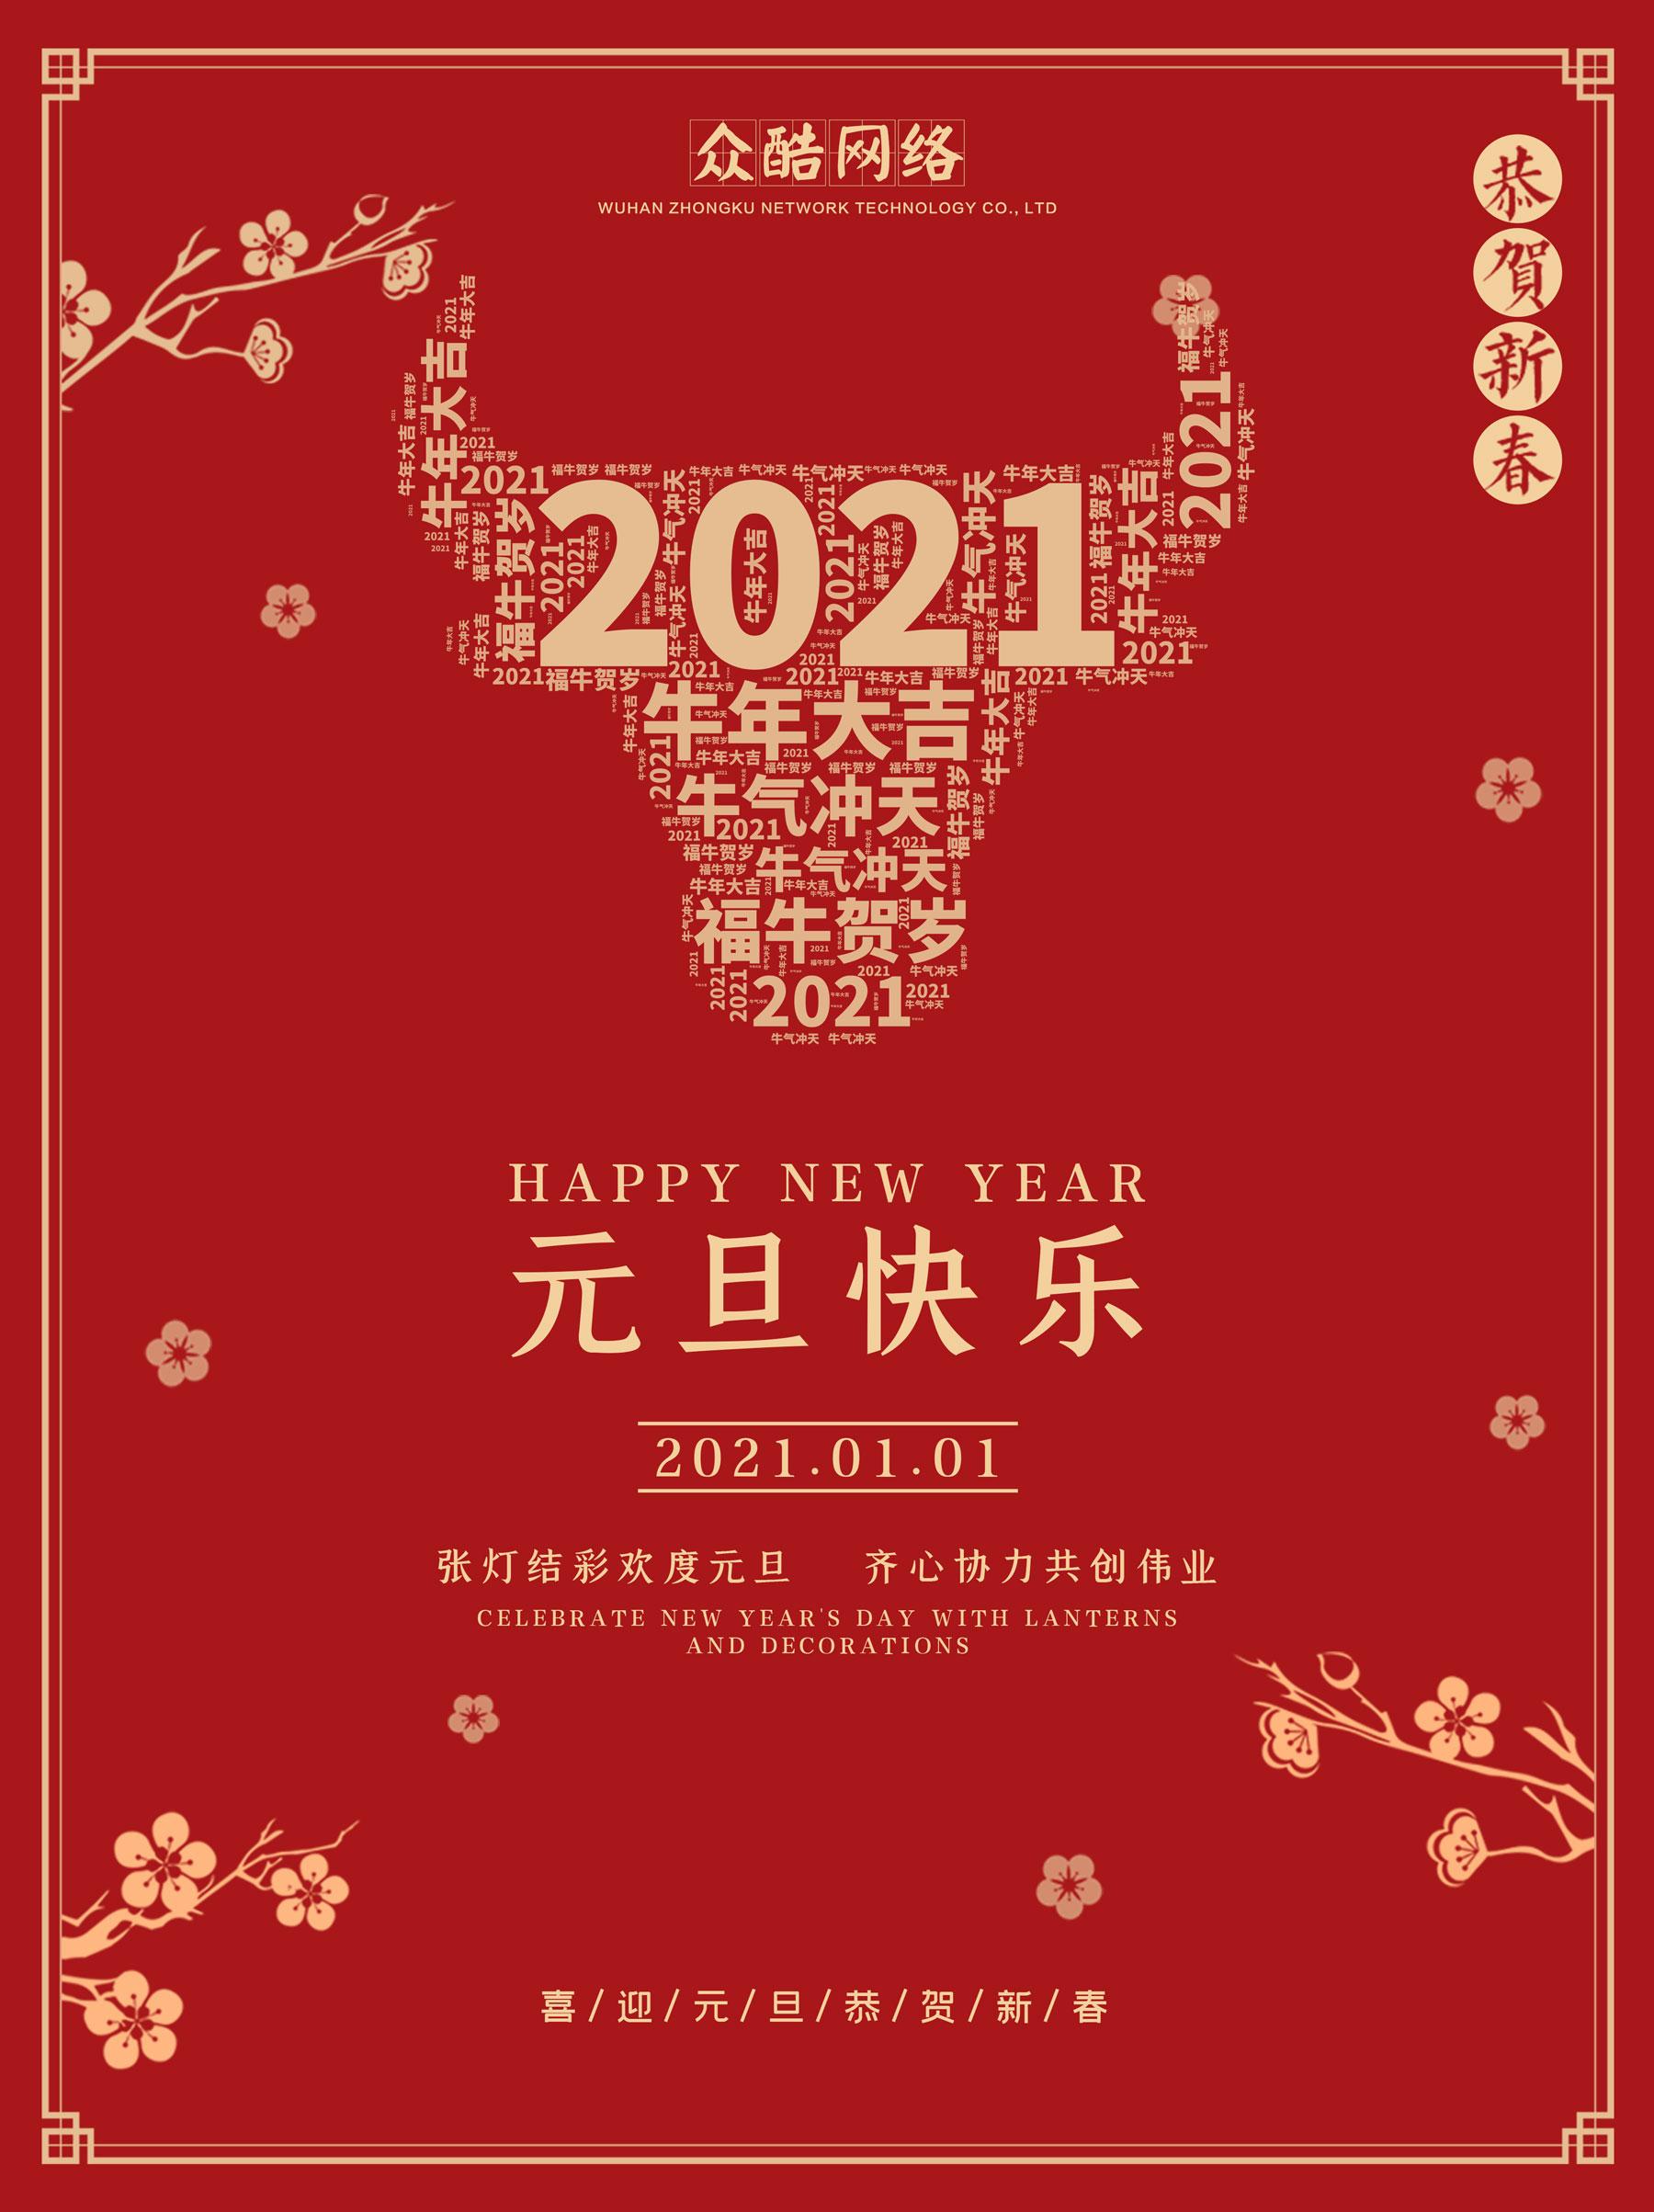 2020年武汉bob游戏官方平台网络元旦放假通知